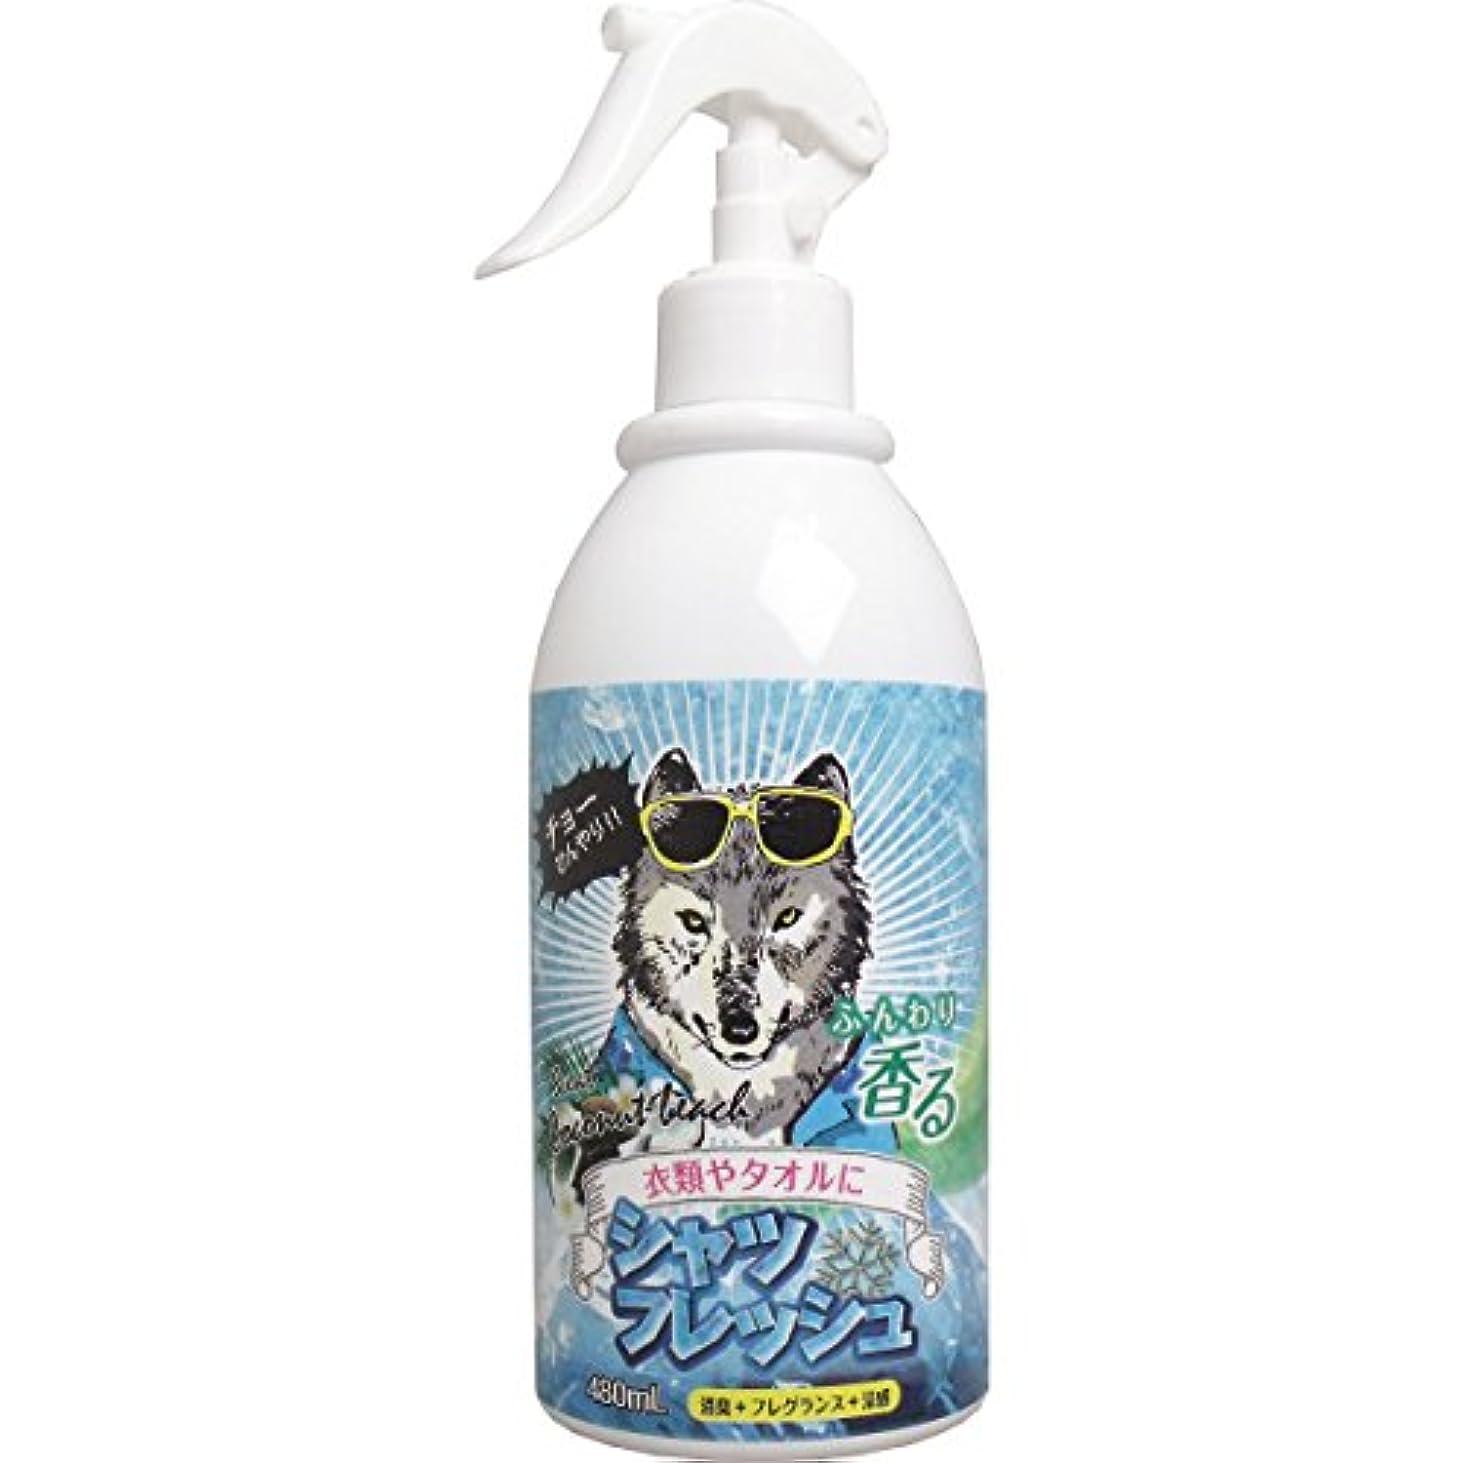 学校の先生割り当てます悲しいことに香るシャツフレッシュ オオカミ ココナッツピーチの香り 480mL